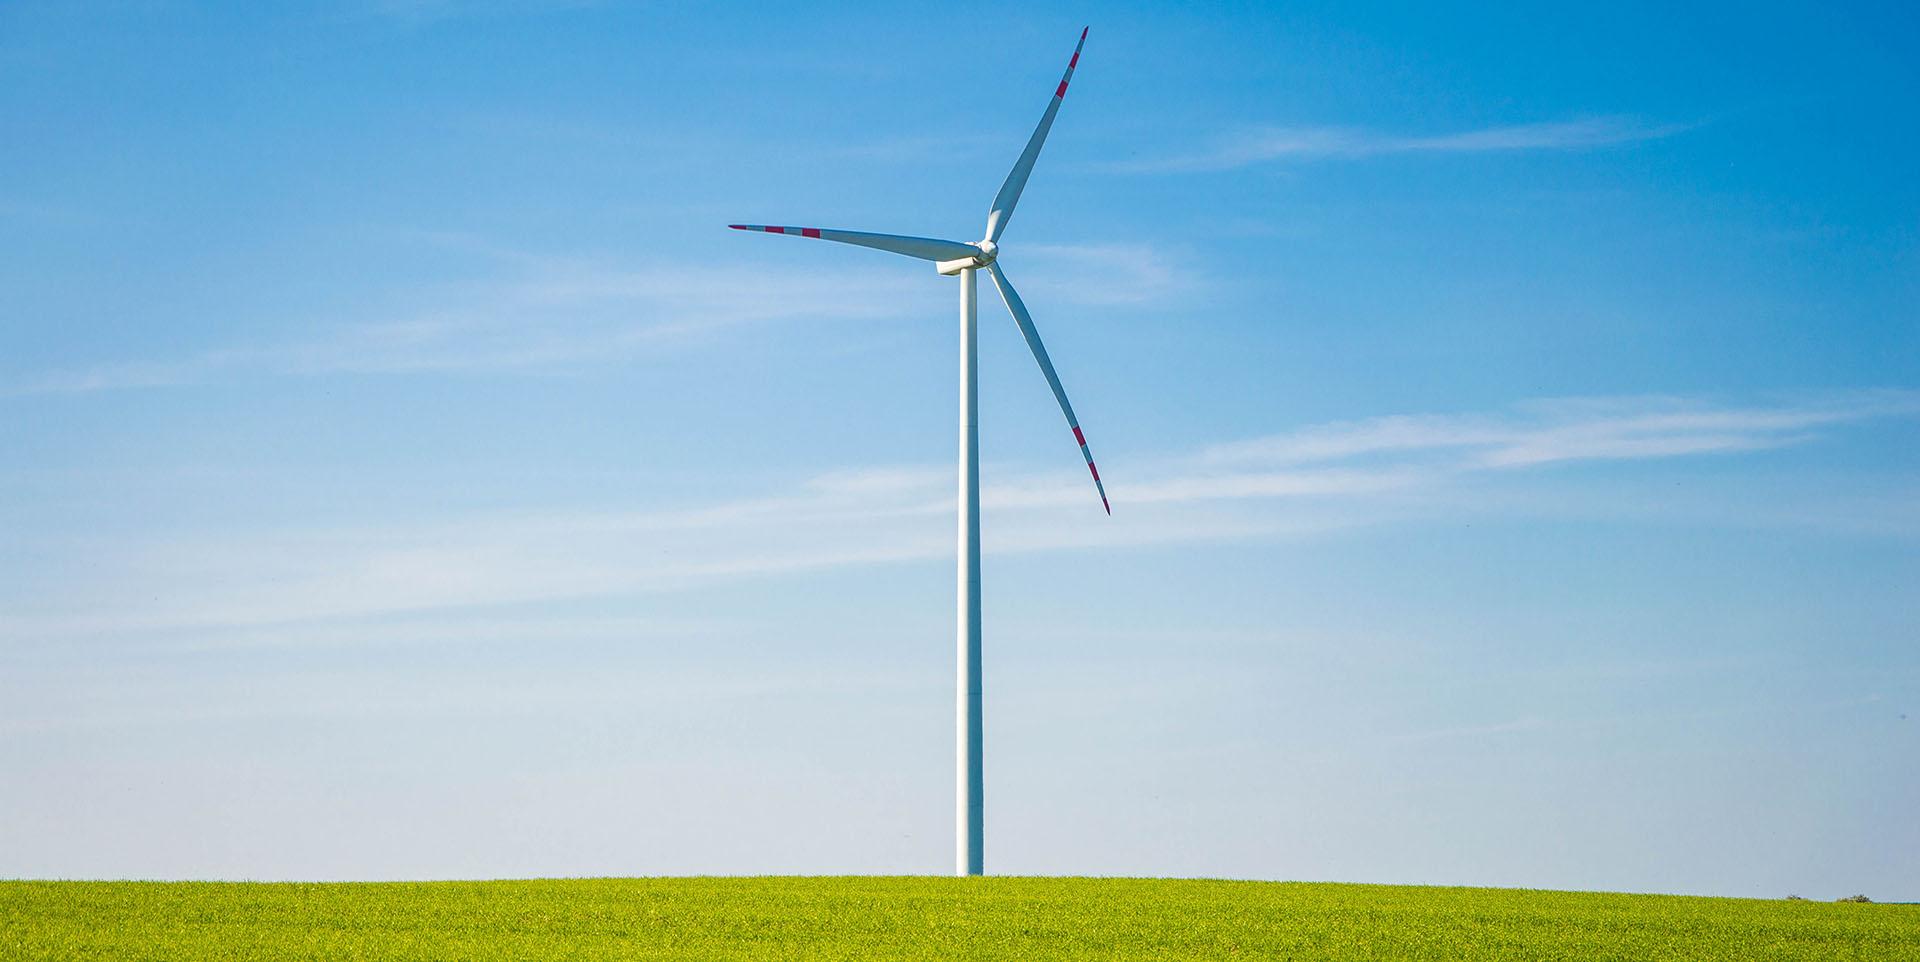 windmill in a grassy field